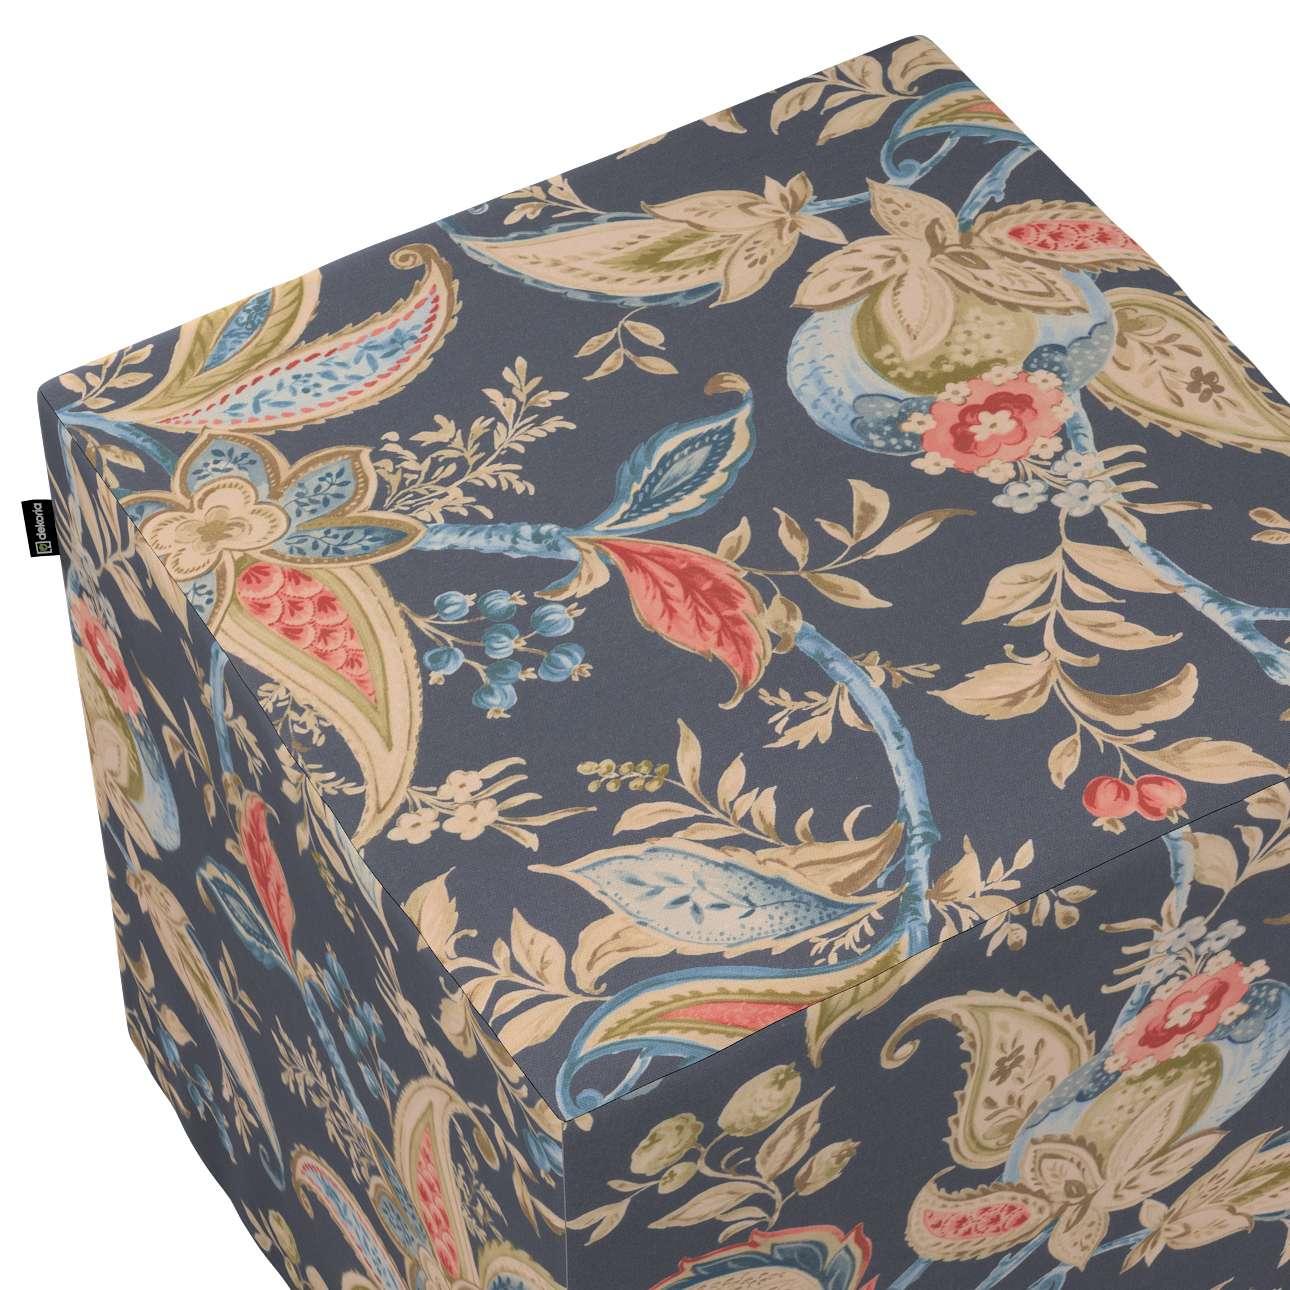 Taburetka tvrdá, kocka V kolekcii Gardenia, tkanina: 142-19